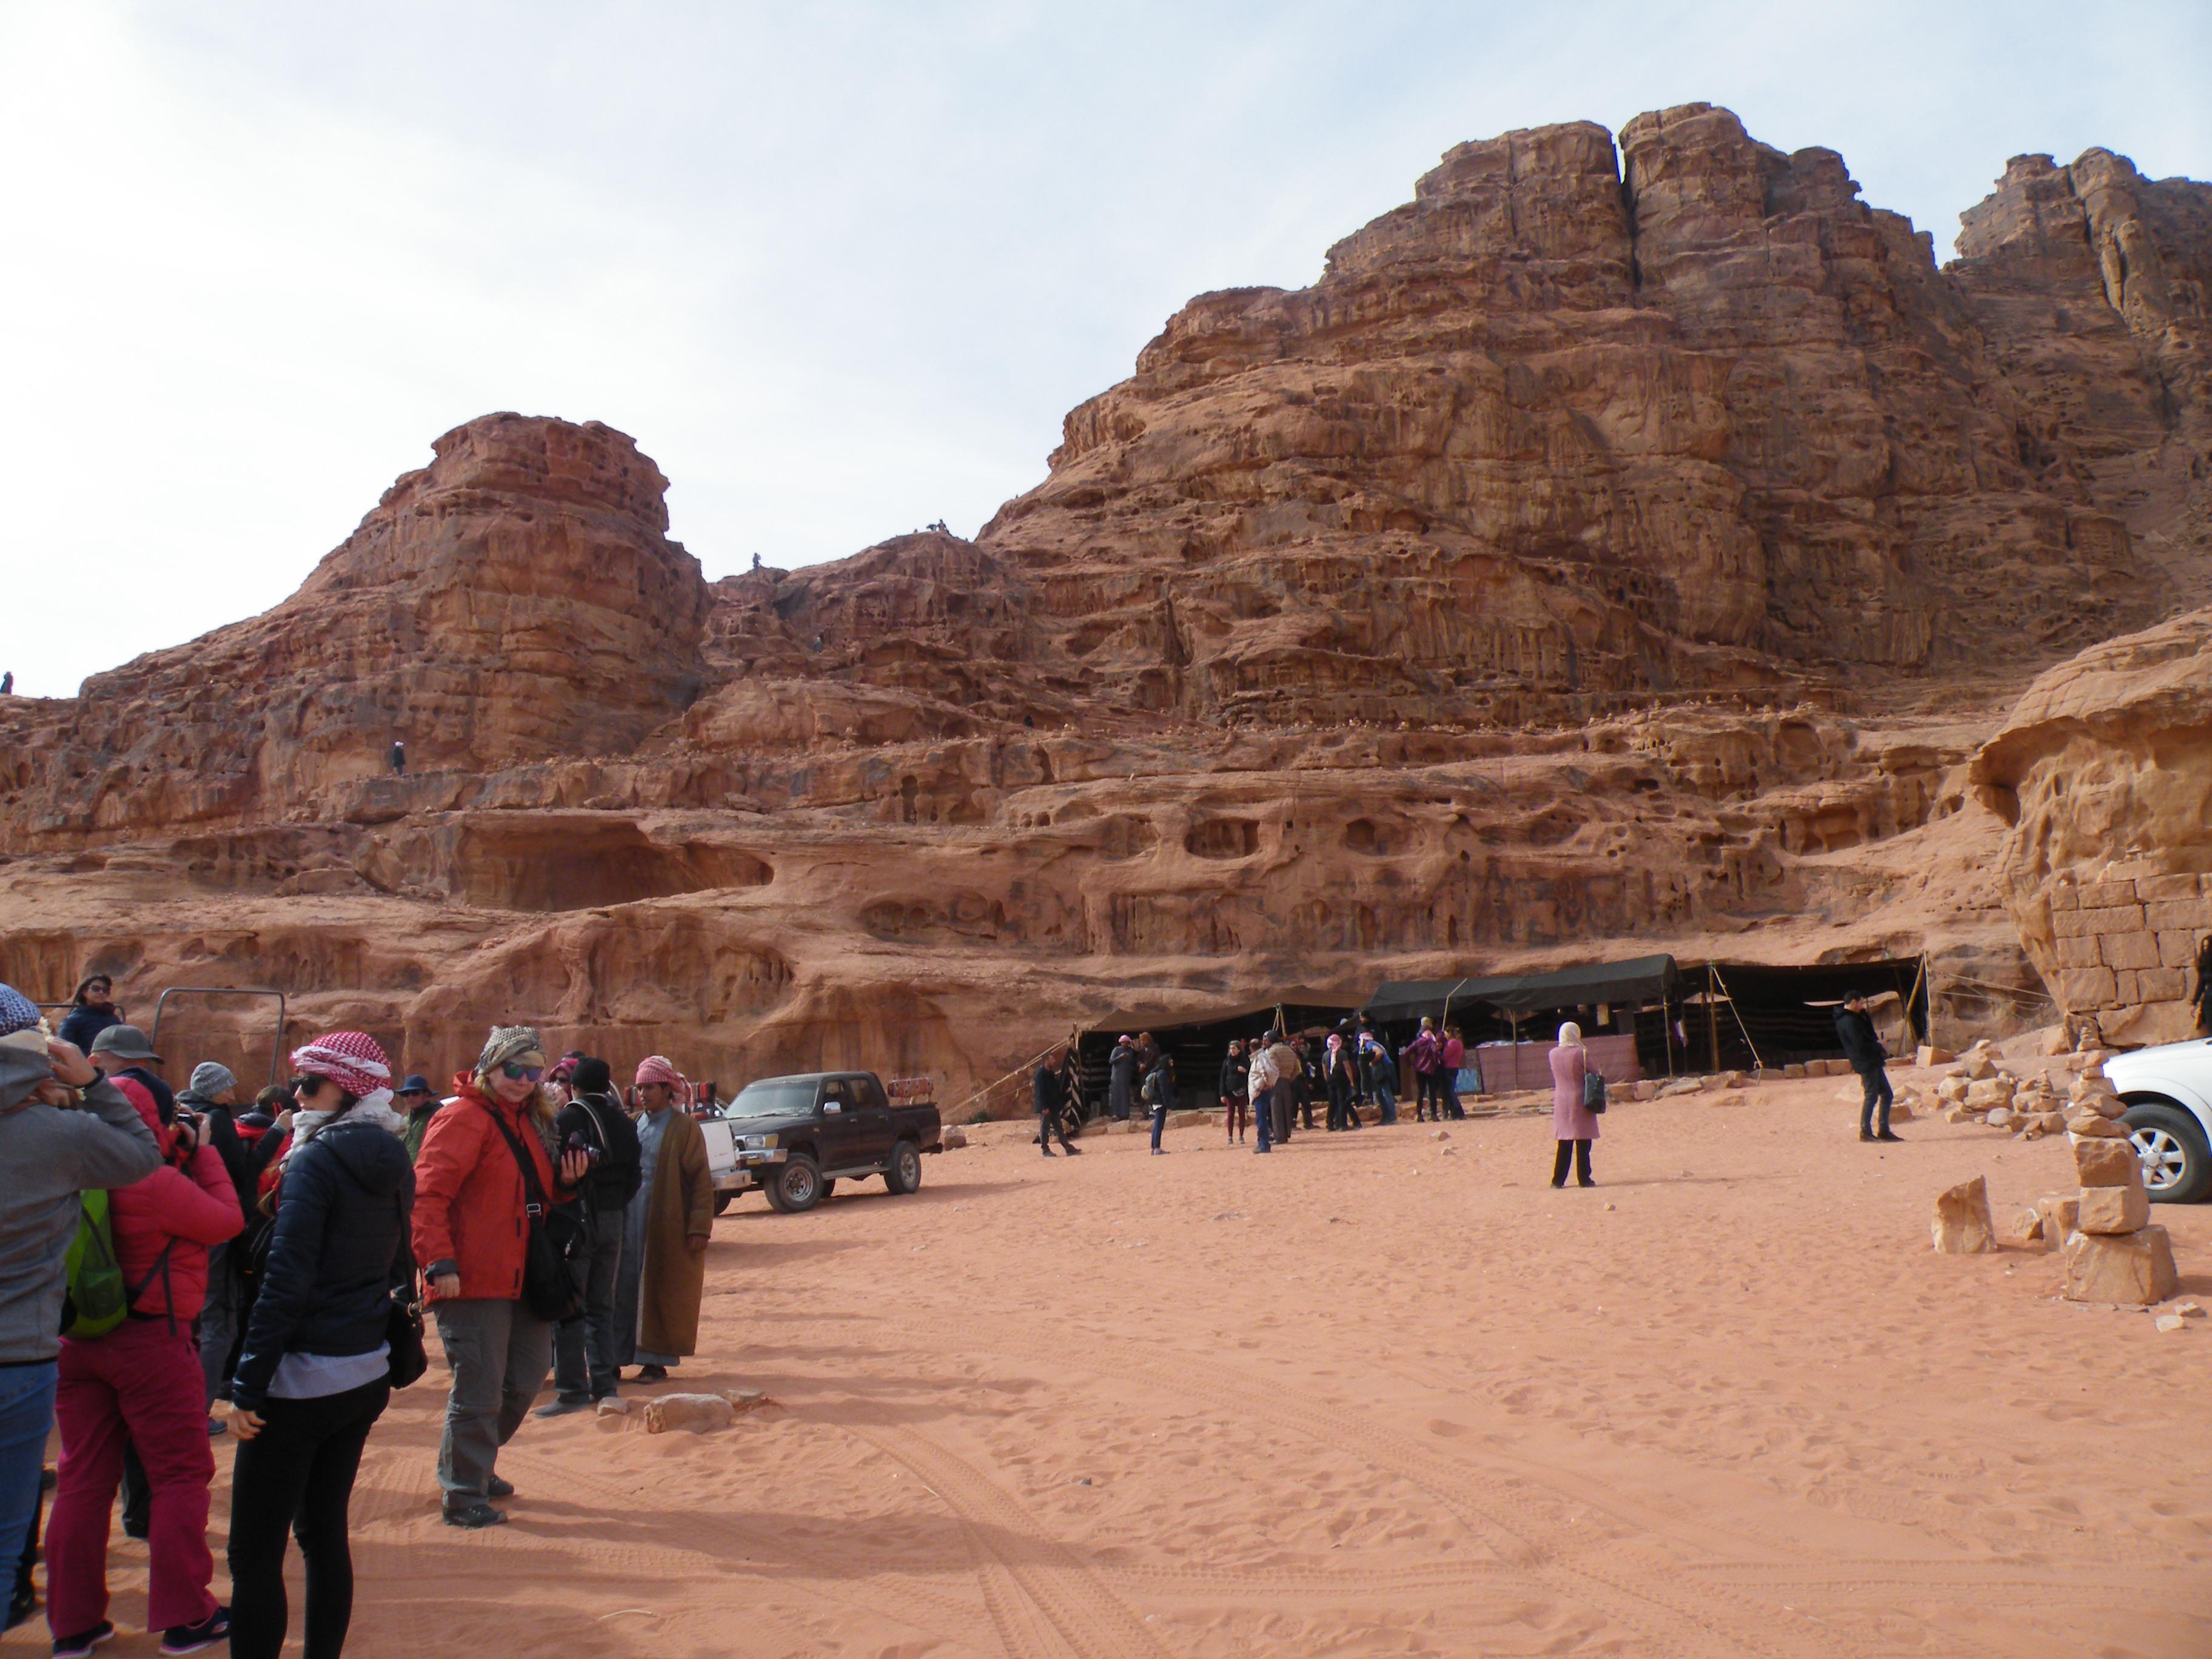 20 - Pri beduinih v Wadi Rumu